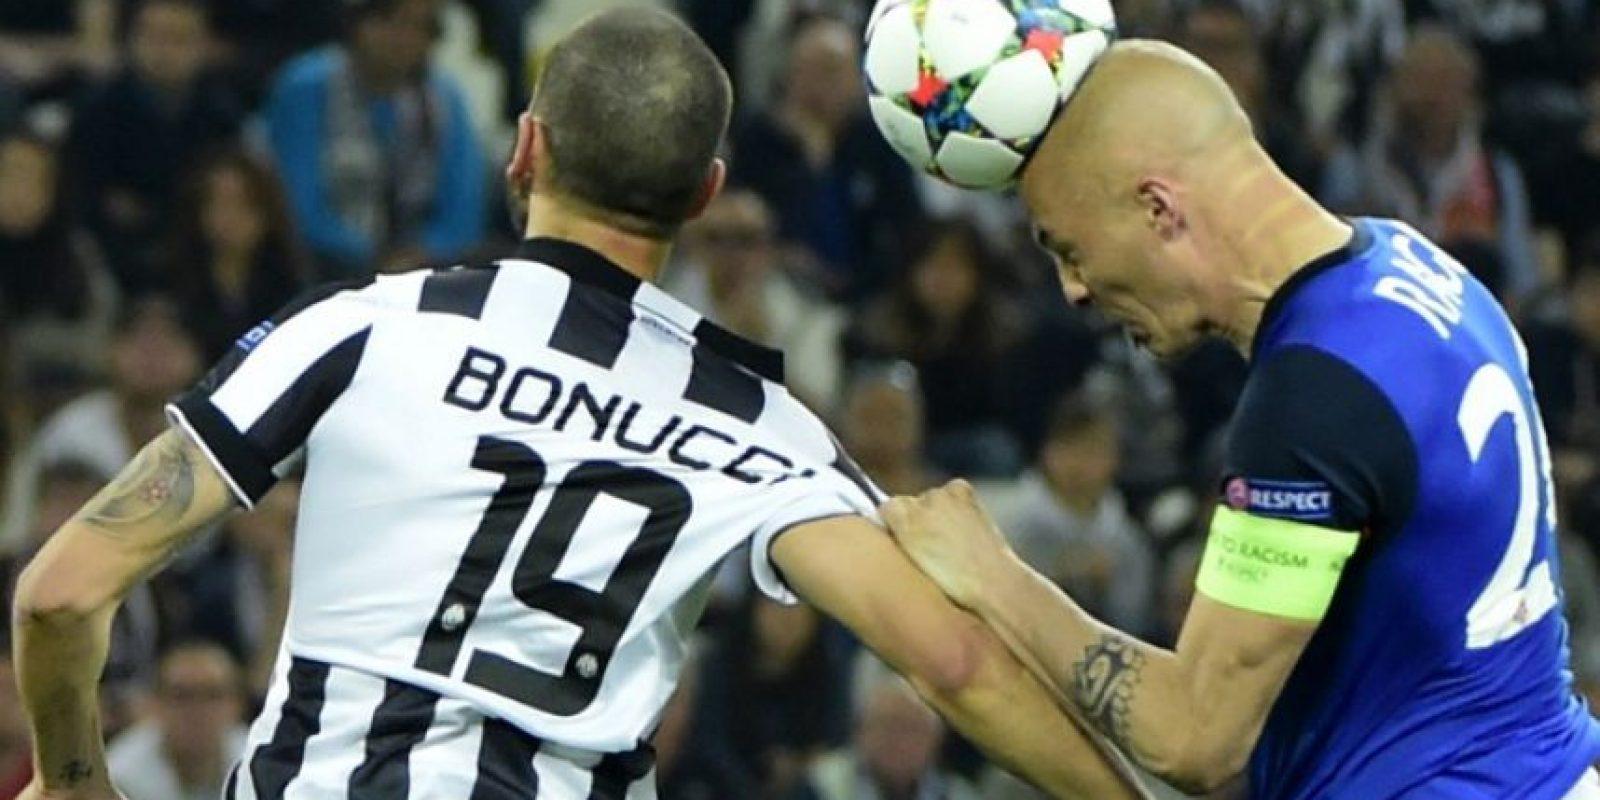 El cuadro italiano se lleva una ventaja mínima para el partido de vuelta que se jugará en Mónaco. Foto:AFP